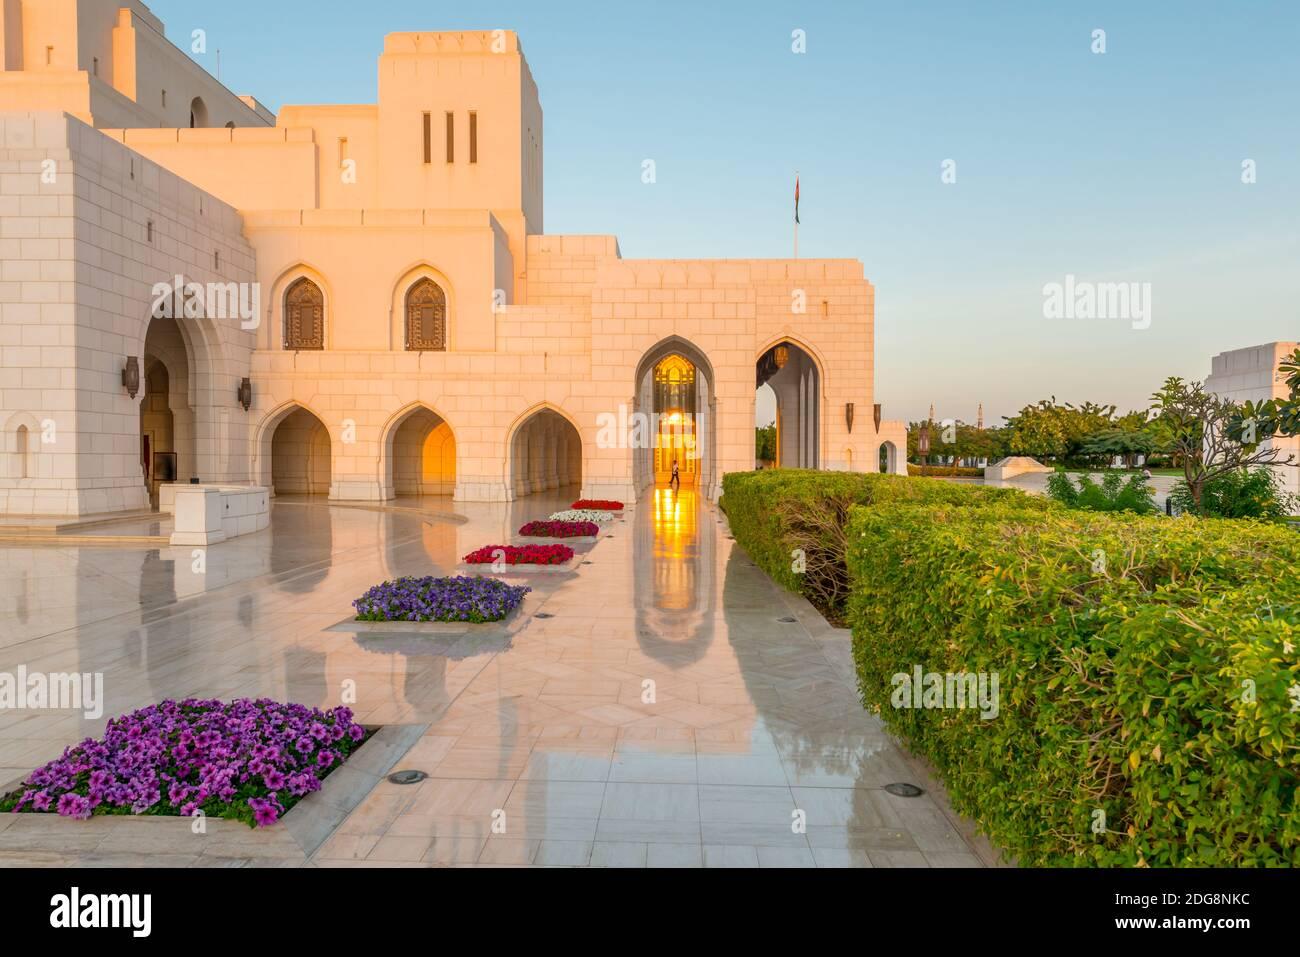 Sol tardío en la Casa Real de la Ópera en Muscat, Sultanato de Omán. Foto de stock